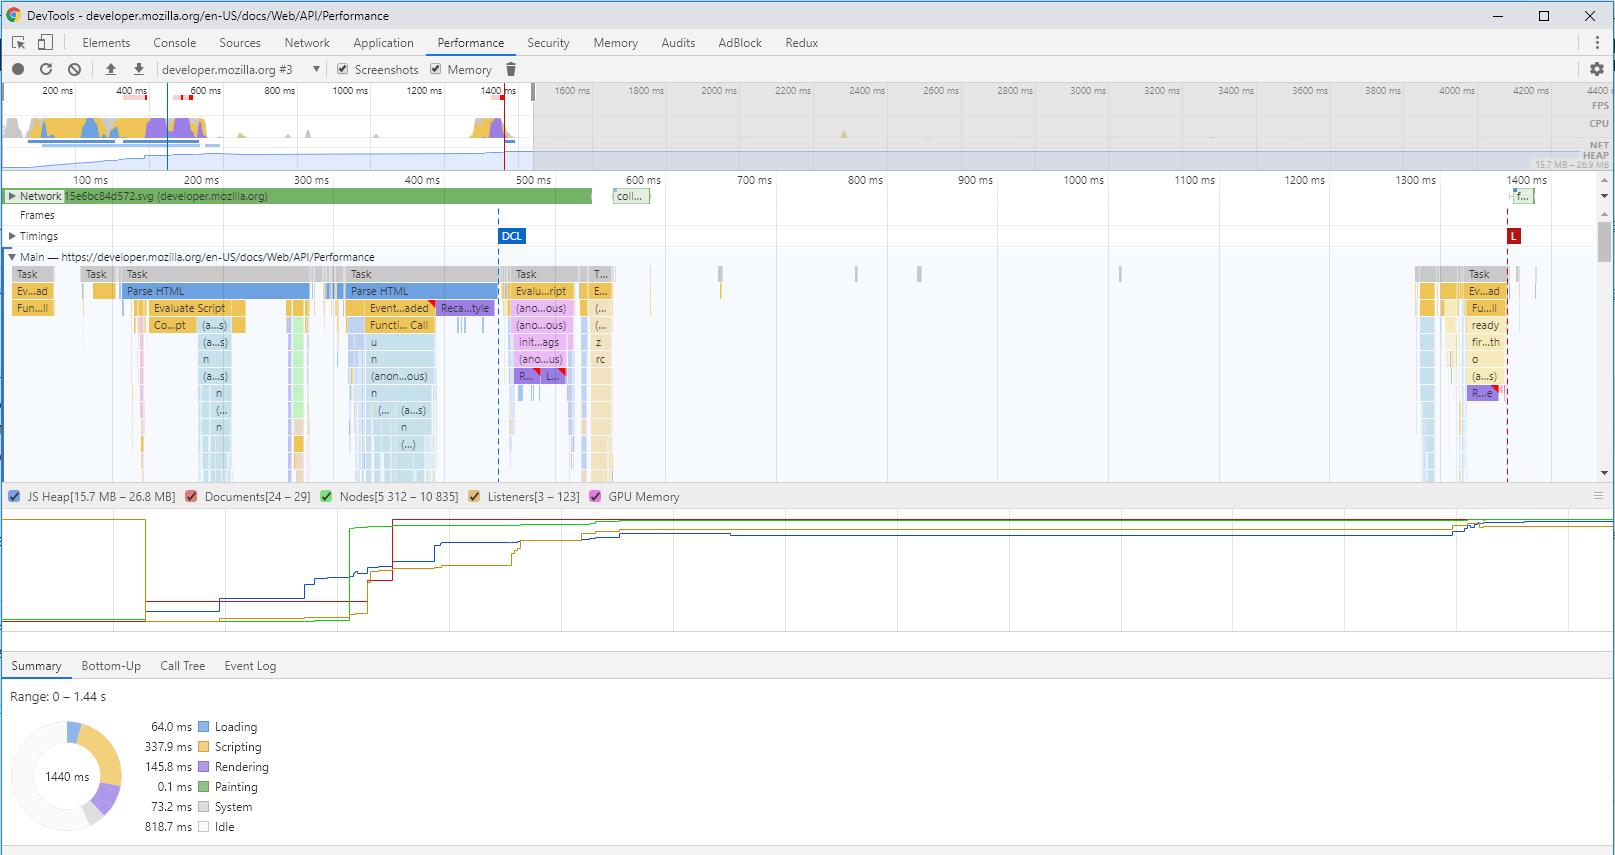 Mierzenie wydajności -DevTools - performance